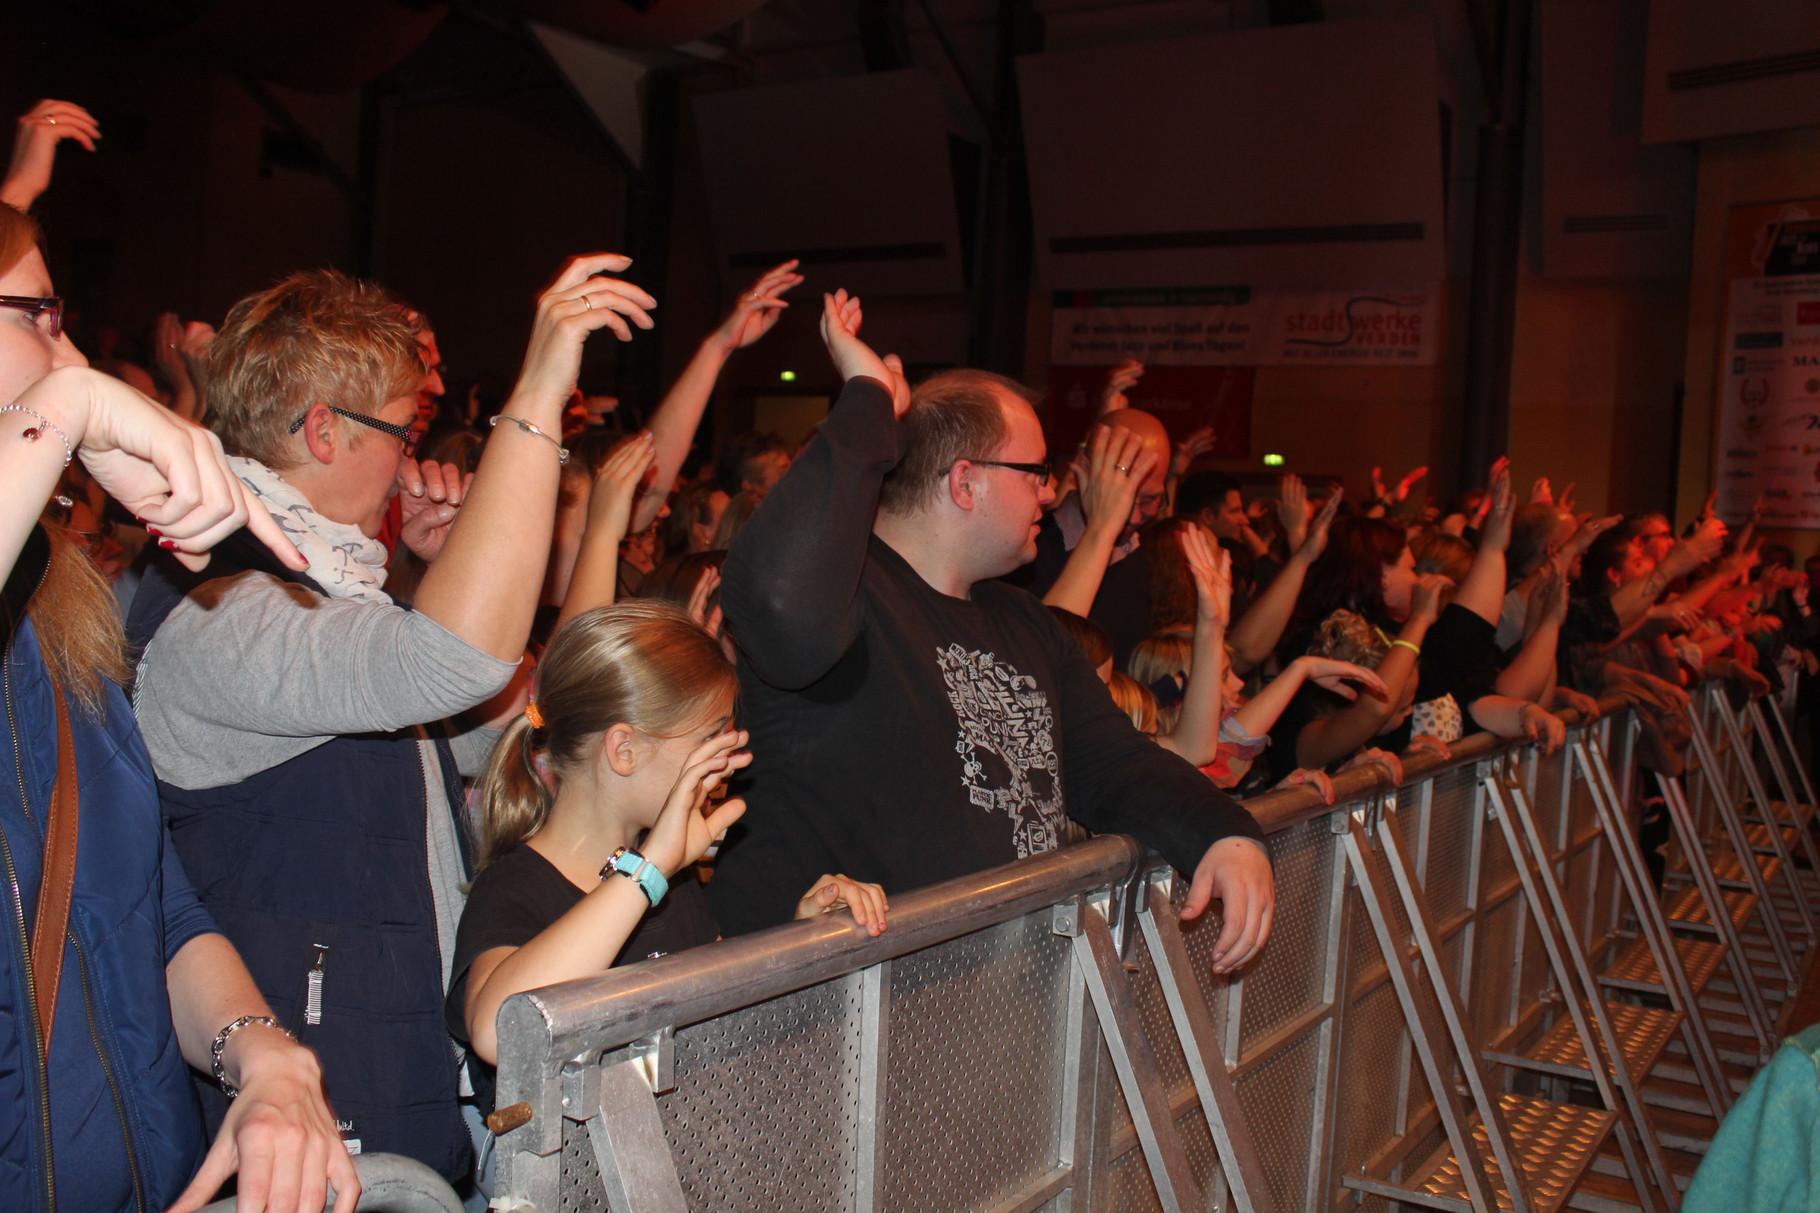 Begeistertes Publikum in der restlos ausverkauften Stadthalle.